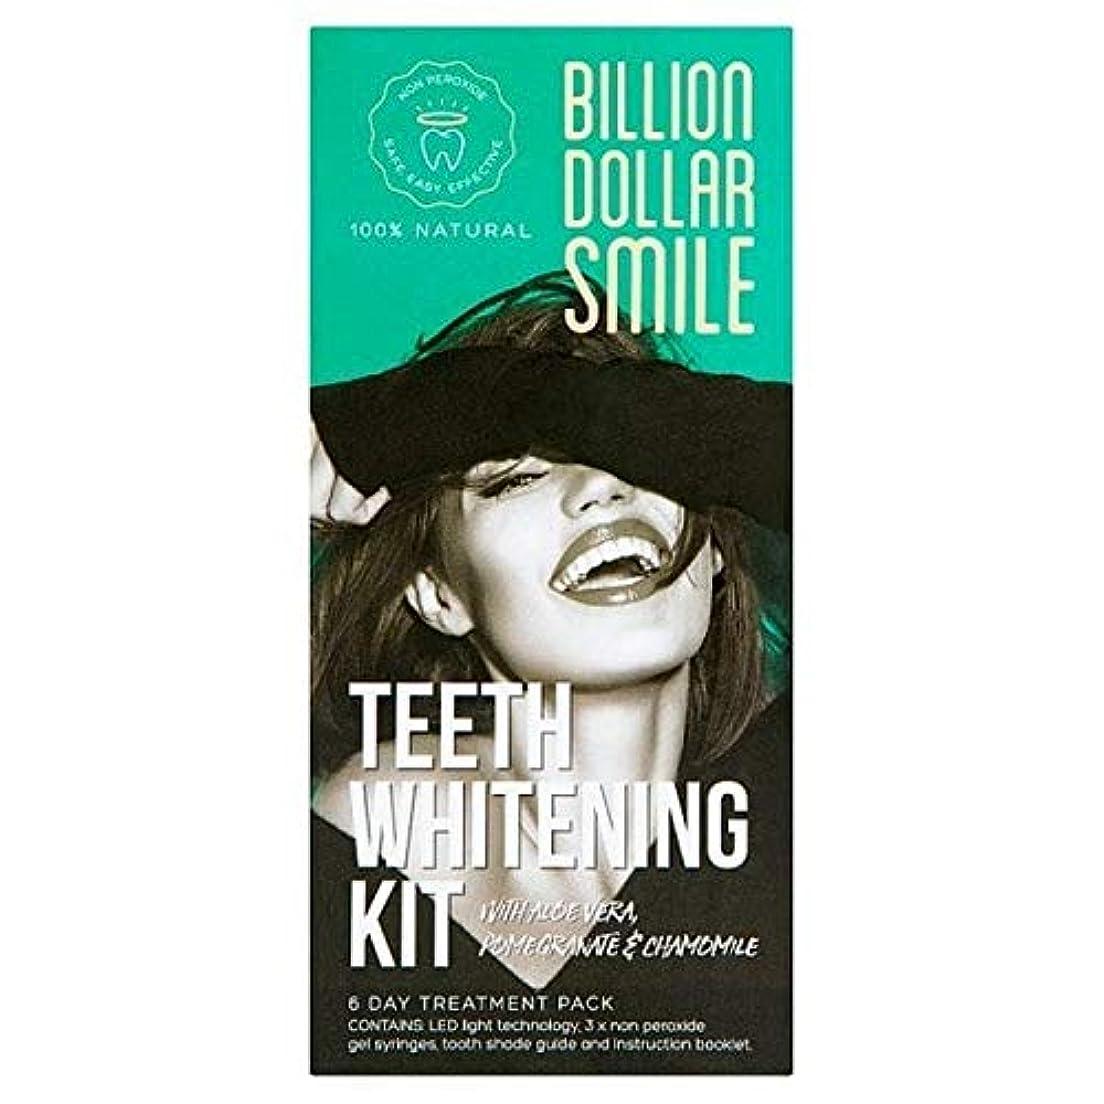 王族感情のギャンブル[Billion Dollar Smile ] キットを白く億ドルの笑顔歯 - Billion Dollar Smile Teeth Whitening Kit [並行輸入品]